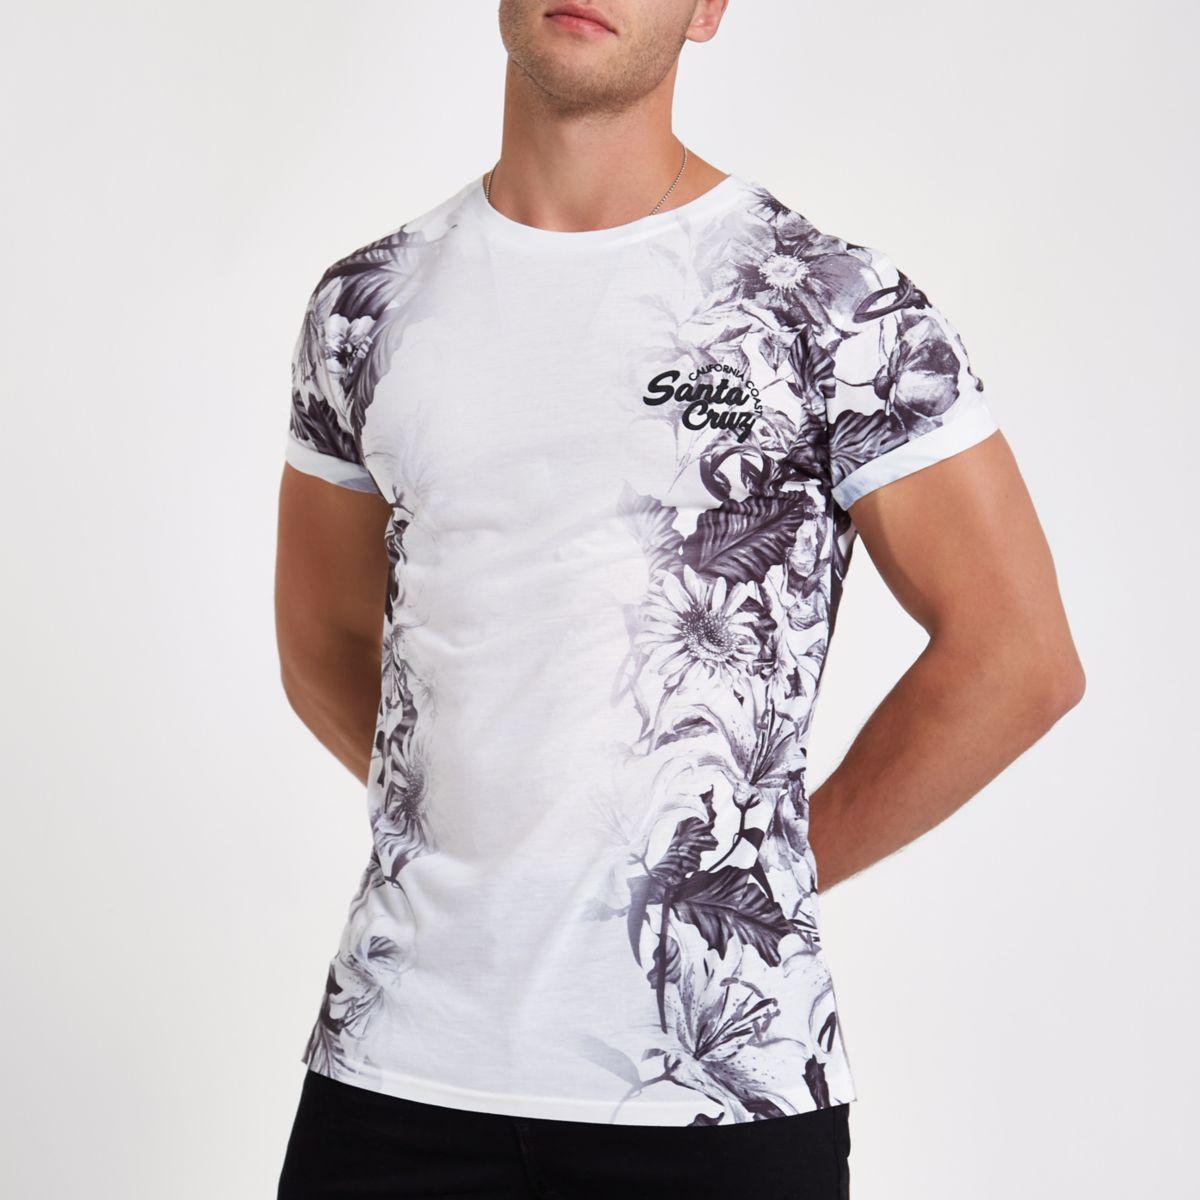 White floral slim fit 'Santa Cruz' T-shirt